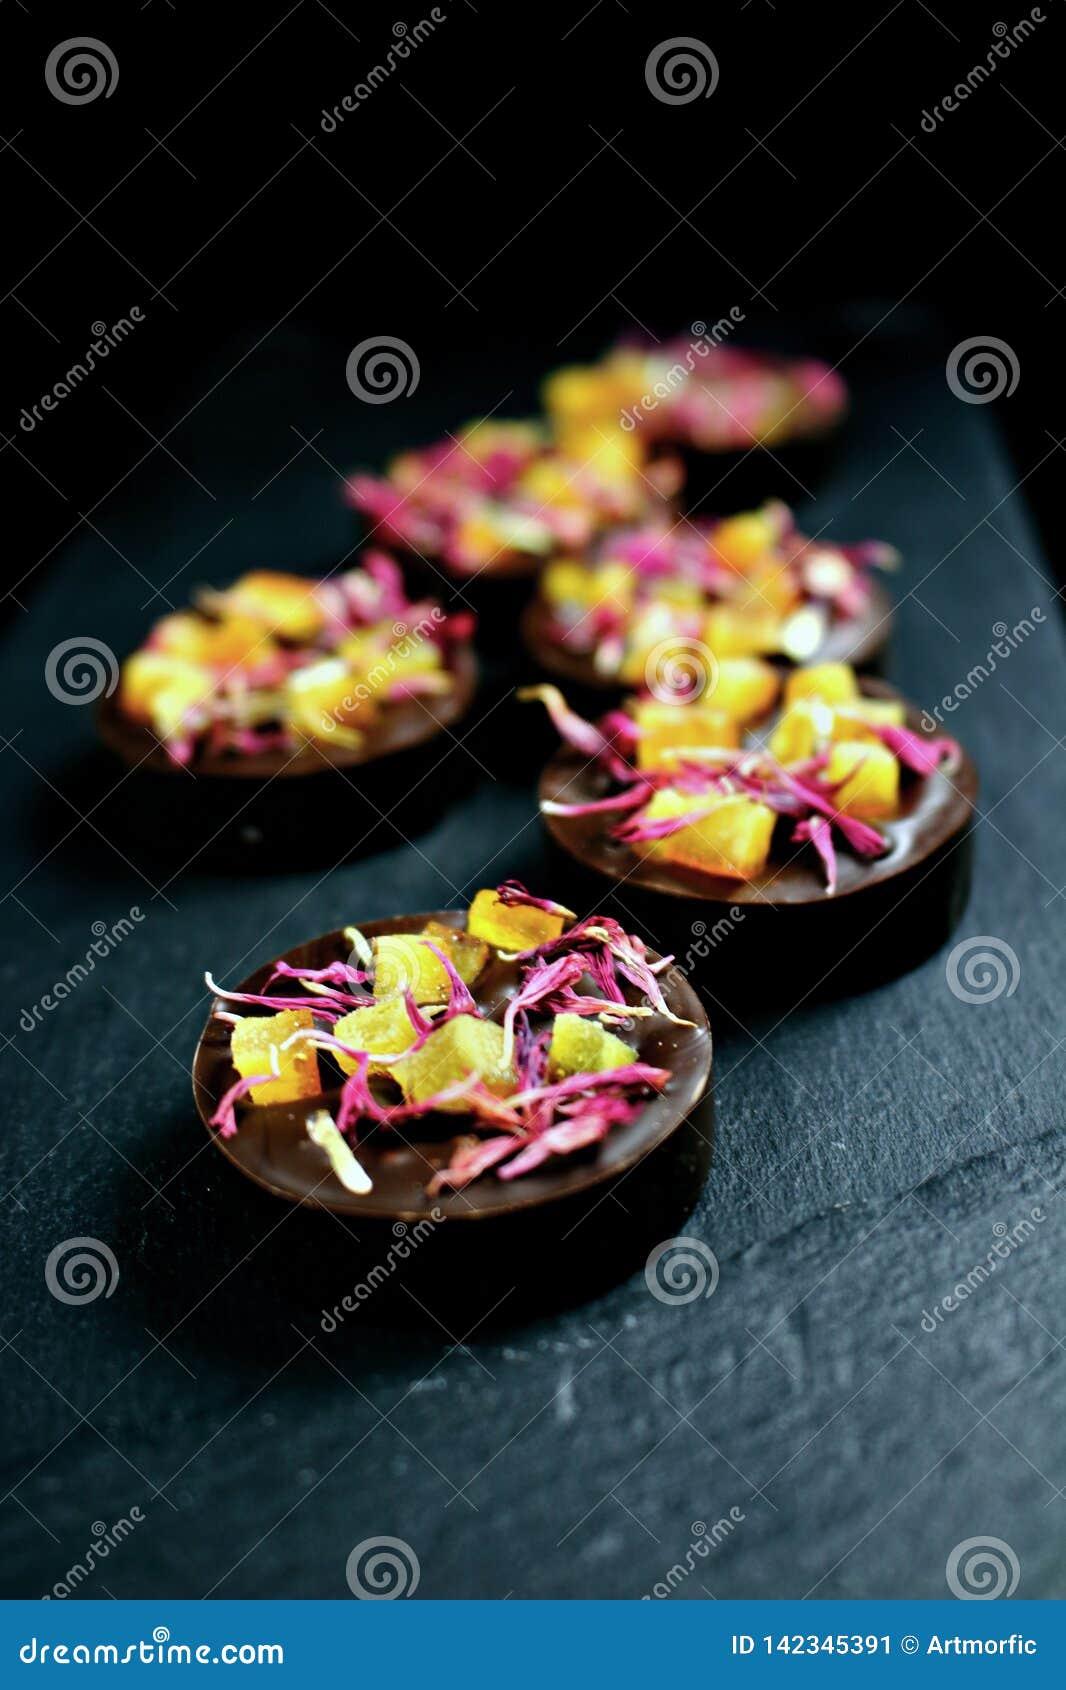 Praline mistiche del cioccolato fondente con i petali arancio e rossi canditi della centaurea su fondo scuro